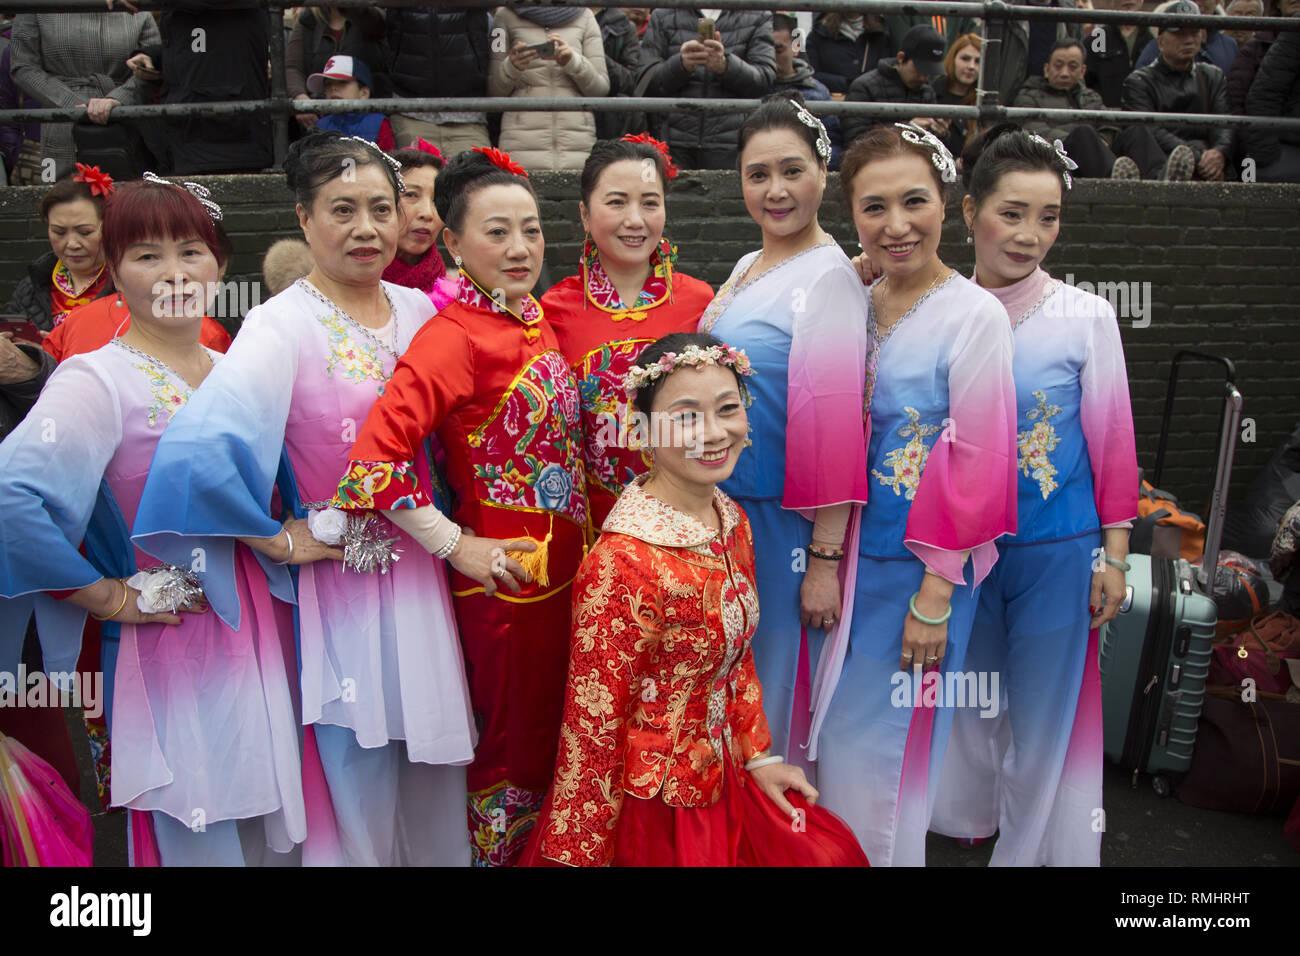 Ritratto di un gruppo di ballerini cinesi pronti a eseguire durante il nuovo anno lunare in Chinatown, New York City. Immagini Stock